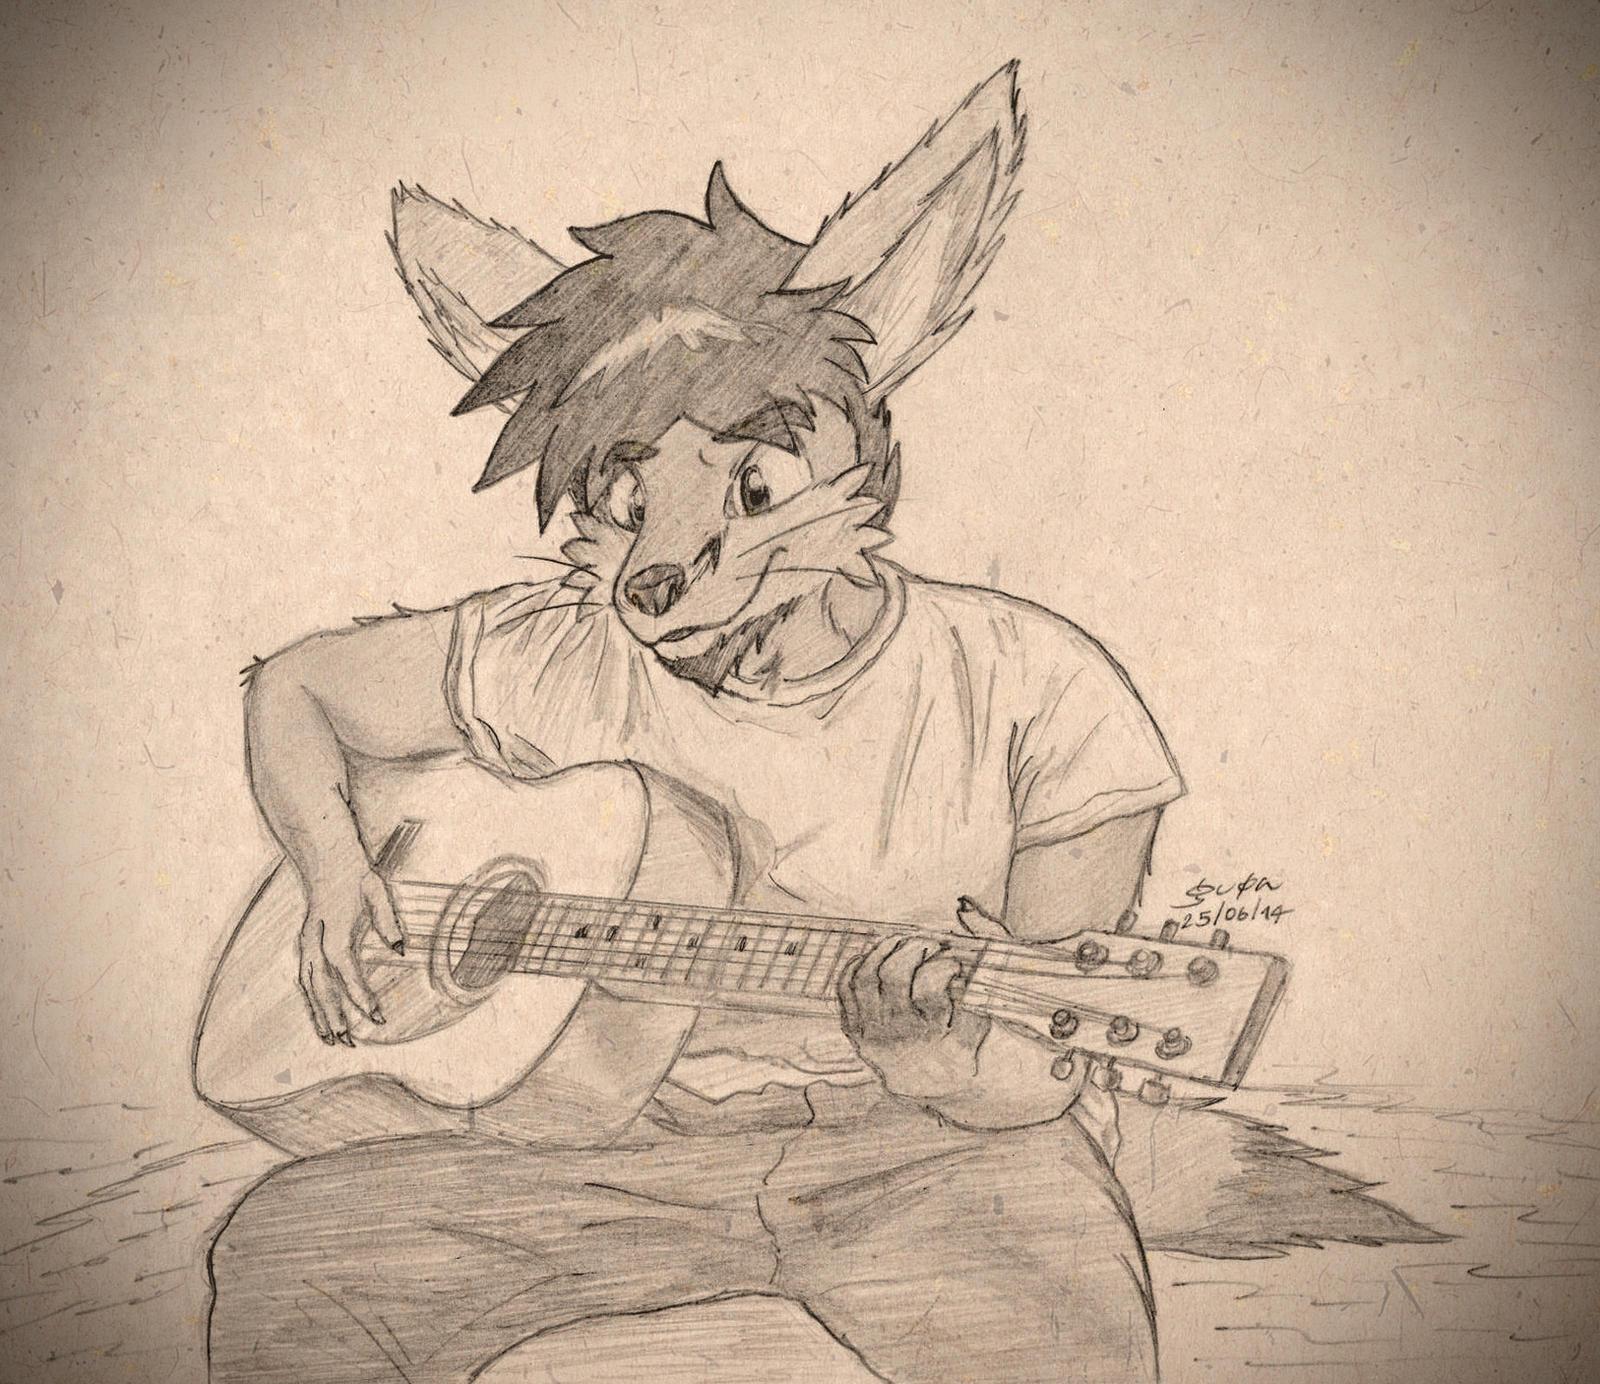 Guitarist by gupa507